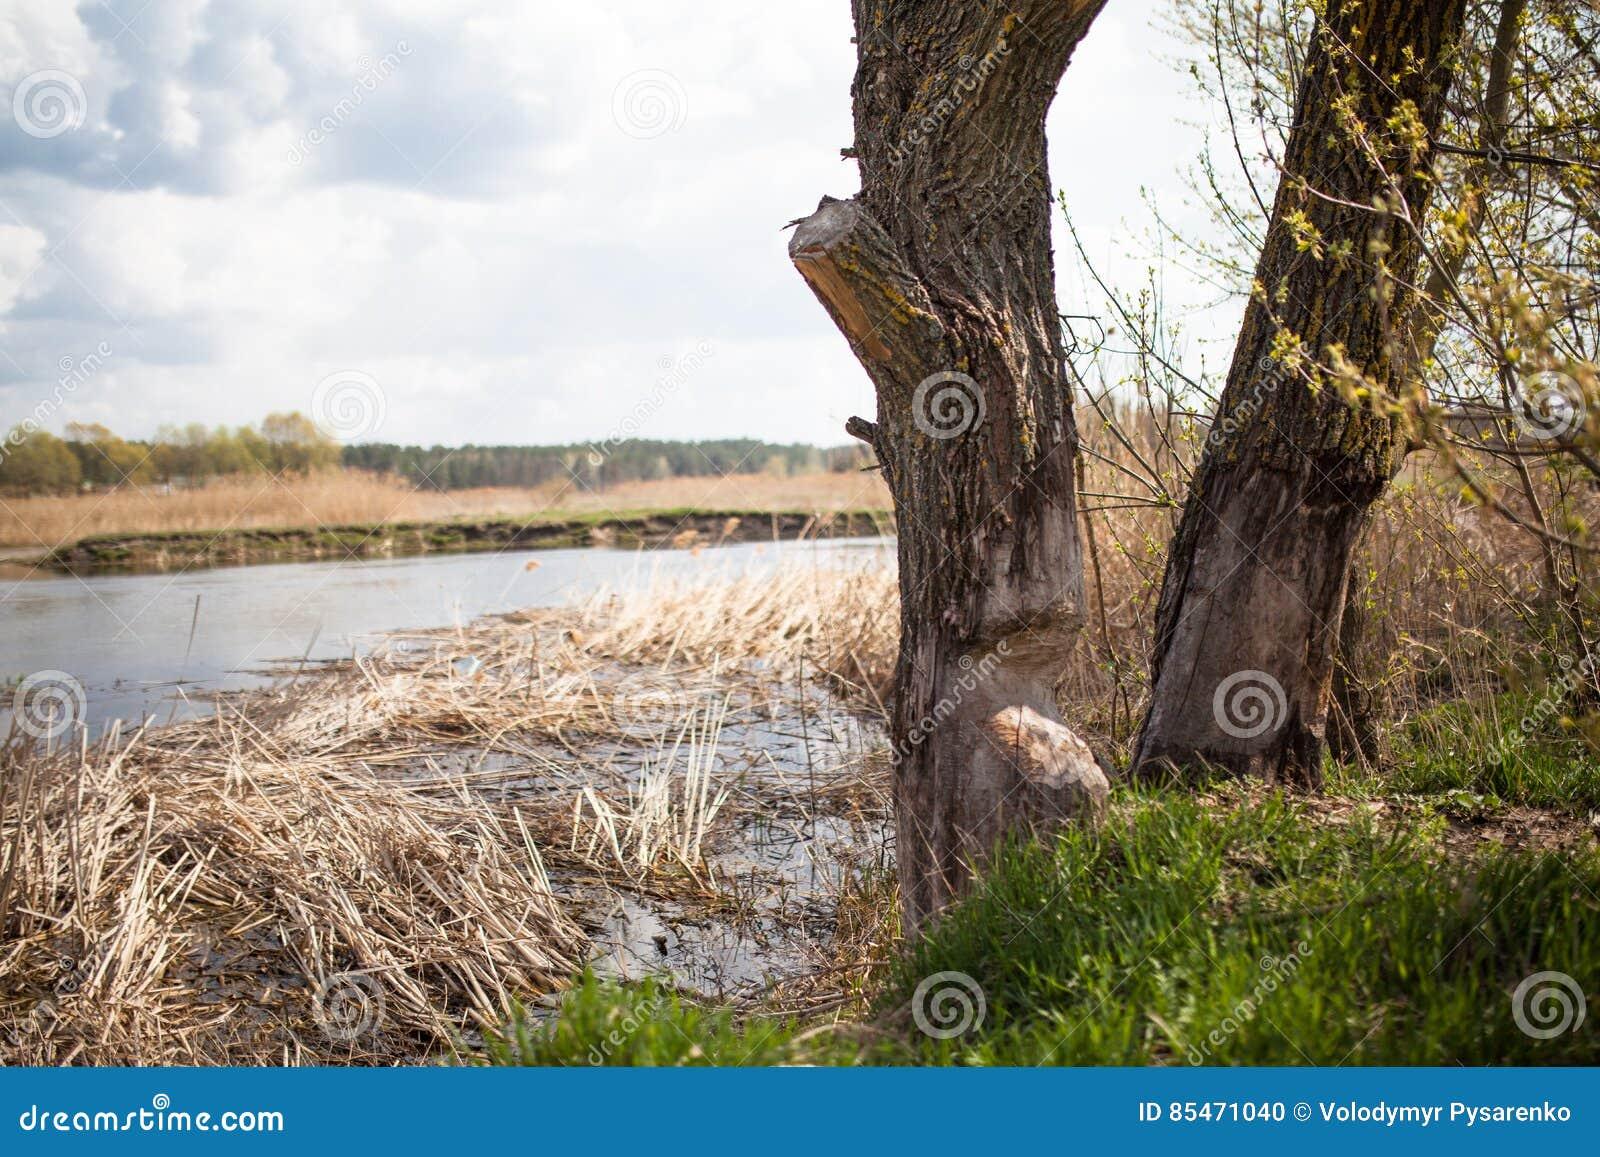 El trabajo de un castor en árbol del bosque A se roe apagado Es típico para que los castores caigan árboles